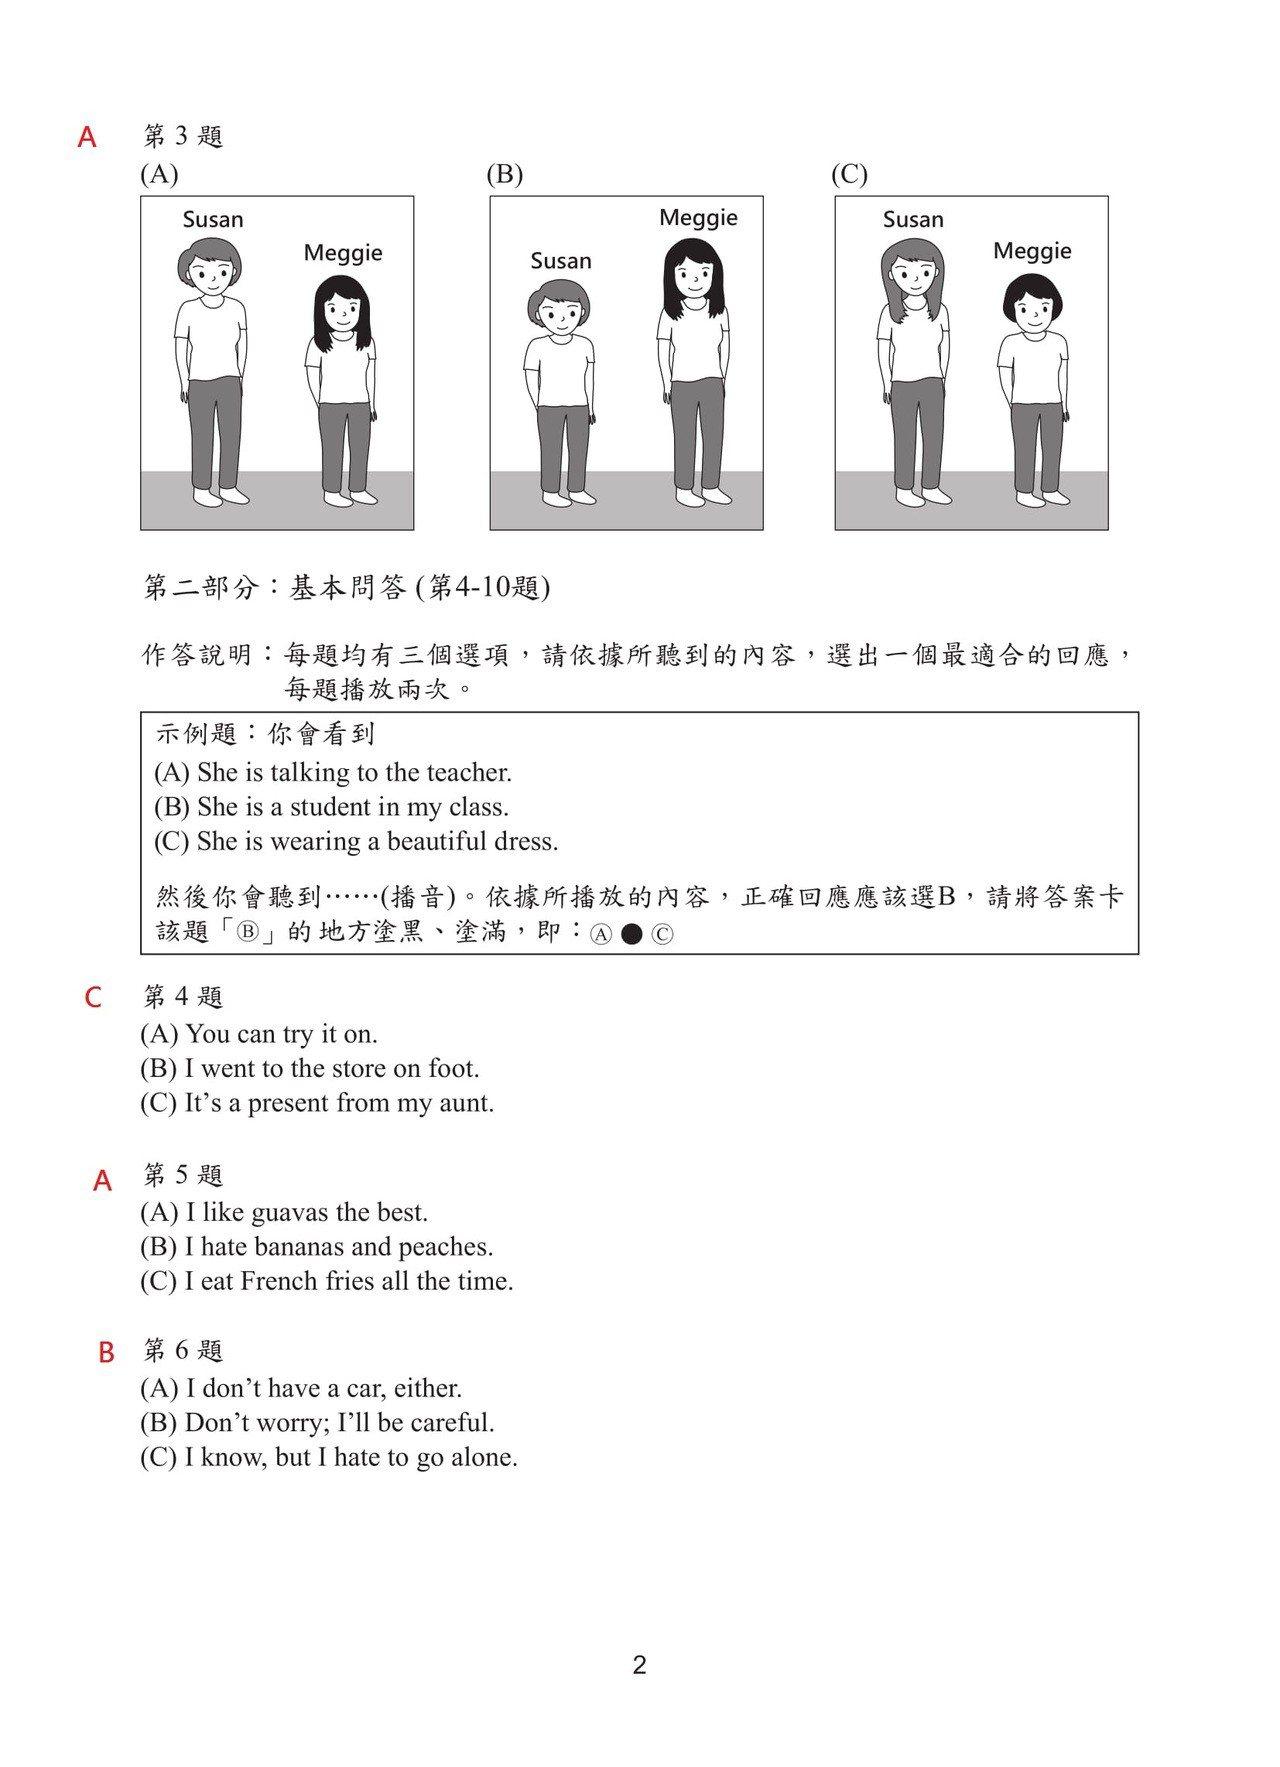 108國中會考英語(聽力)科試題解答,第2頁。